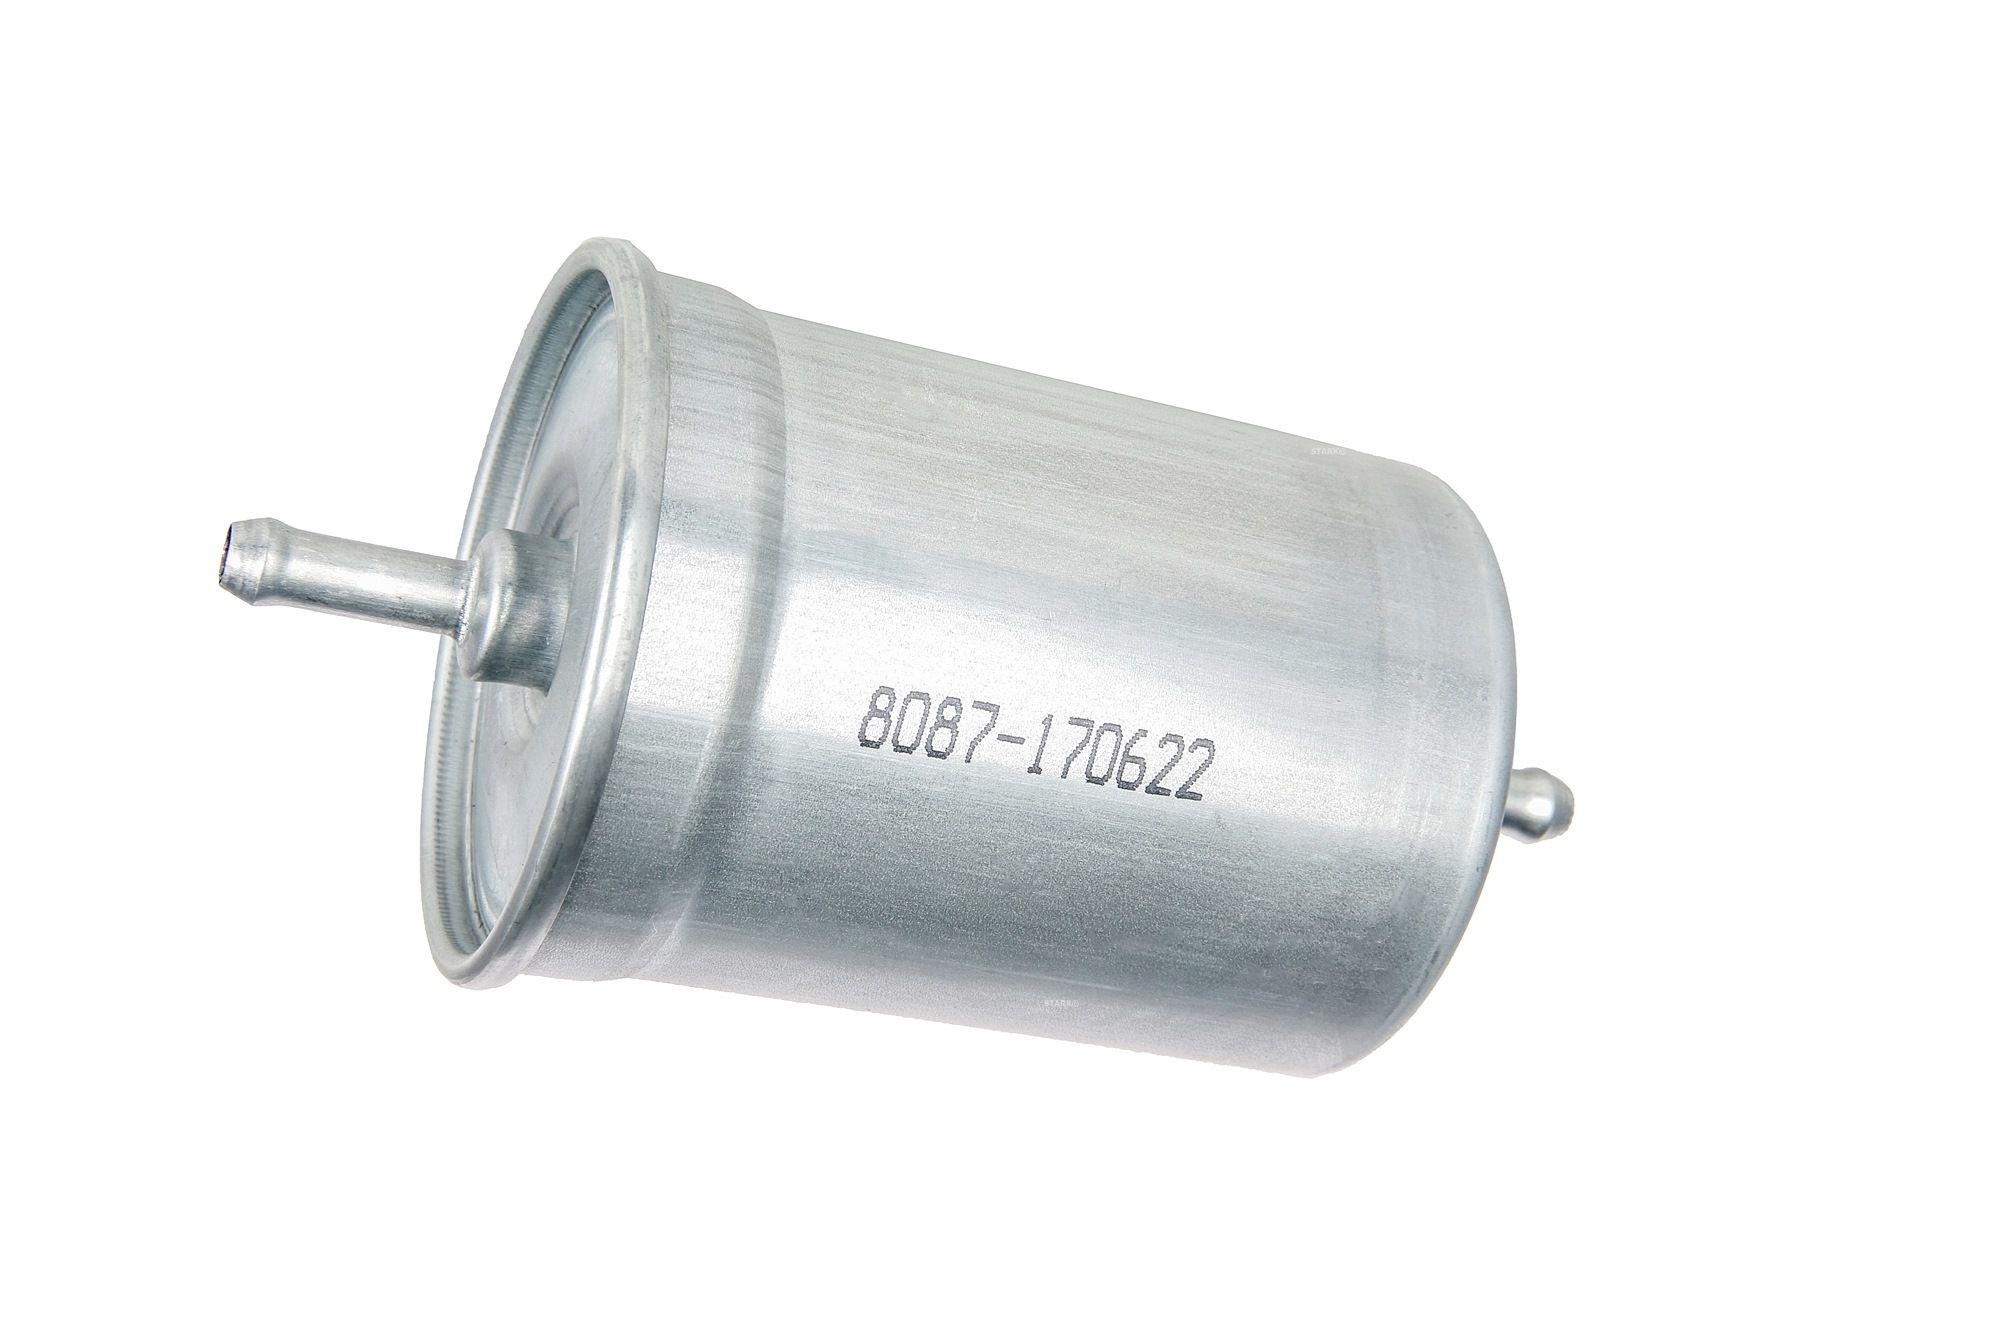 ISUZU Filtre à carburant d'Origine SKFF-0870009